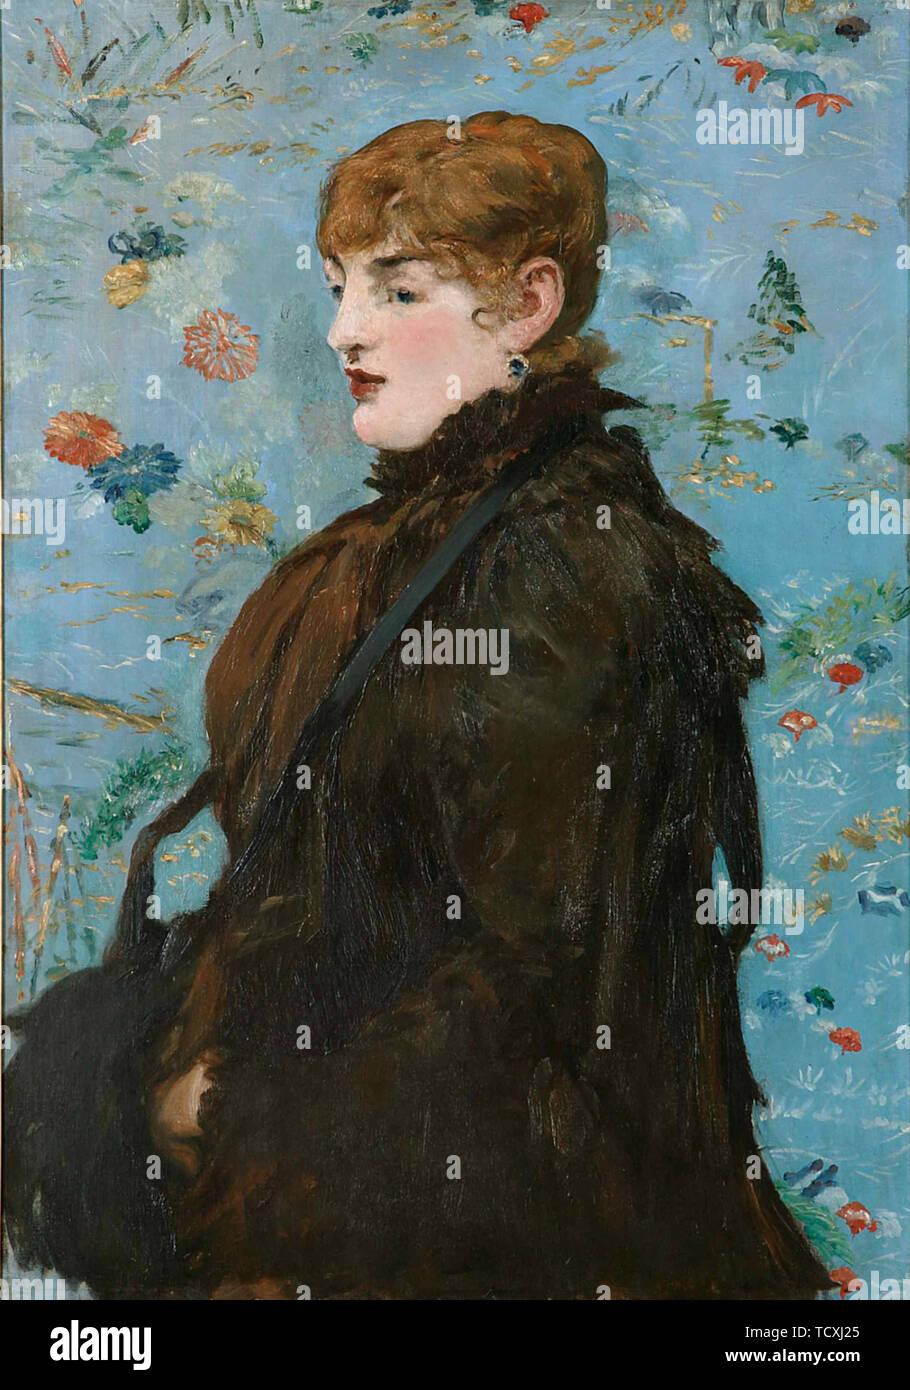 En otoño. Retrato de Méry Laurent, 1882. Creador: Édouard Manet (1832-1883). Foto de stock